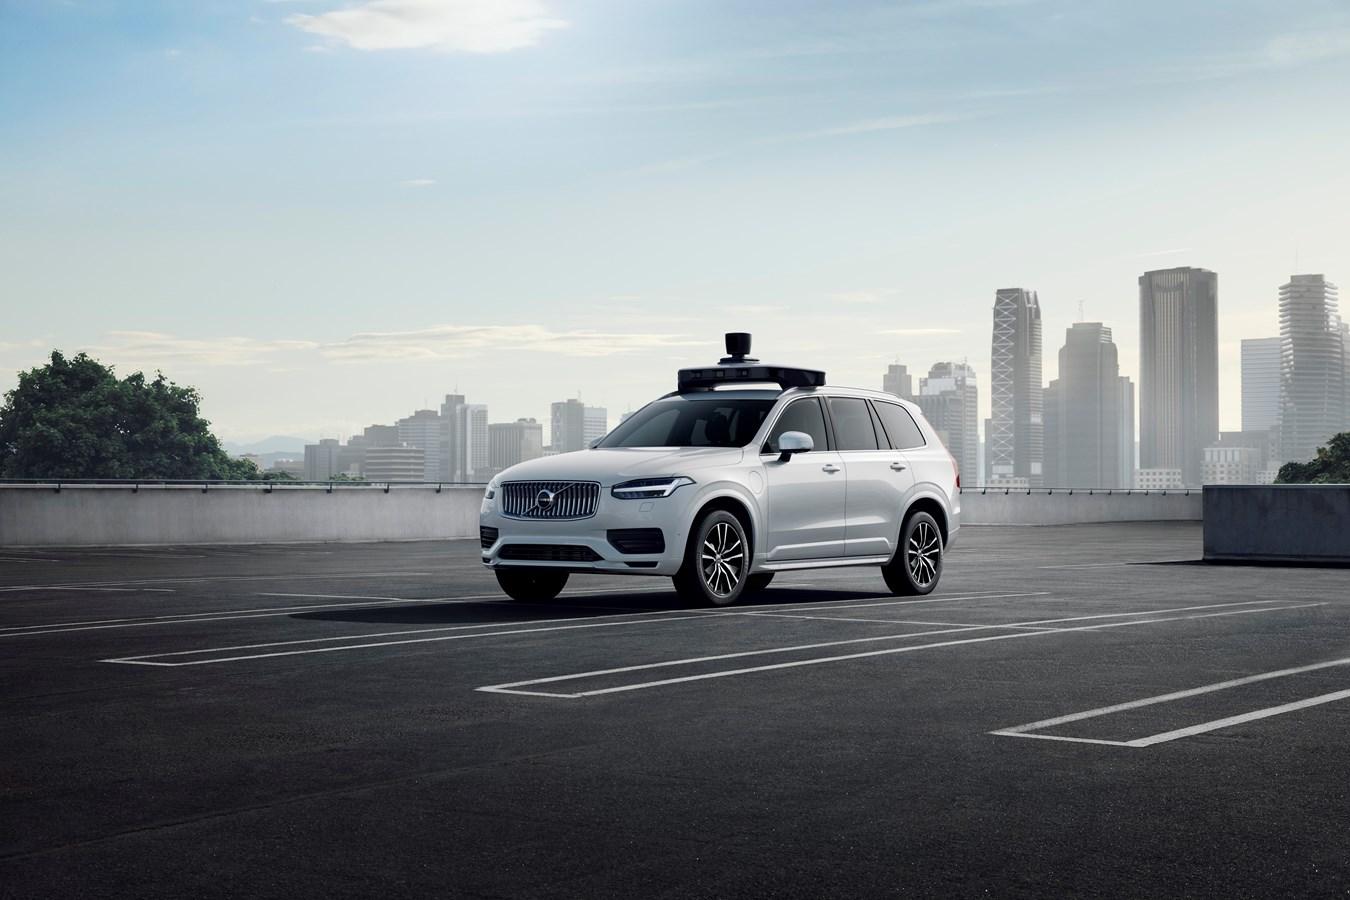 Volvo Cars et Uber présentent un véhicule de série prêt pour la conduite autonome